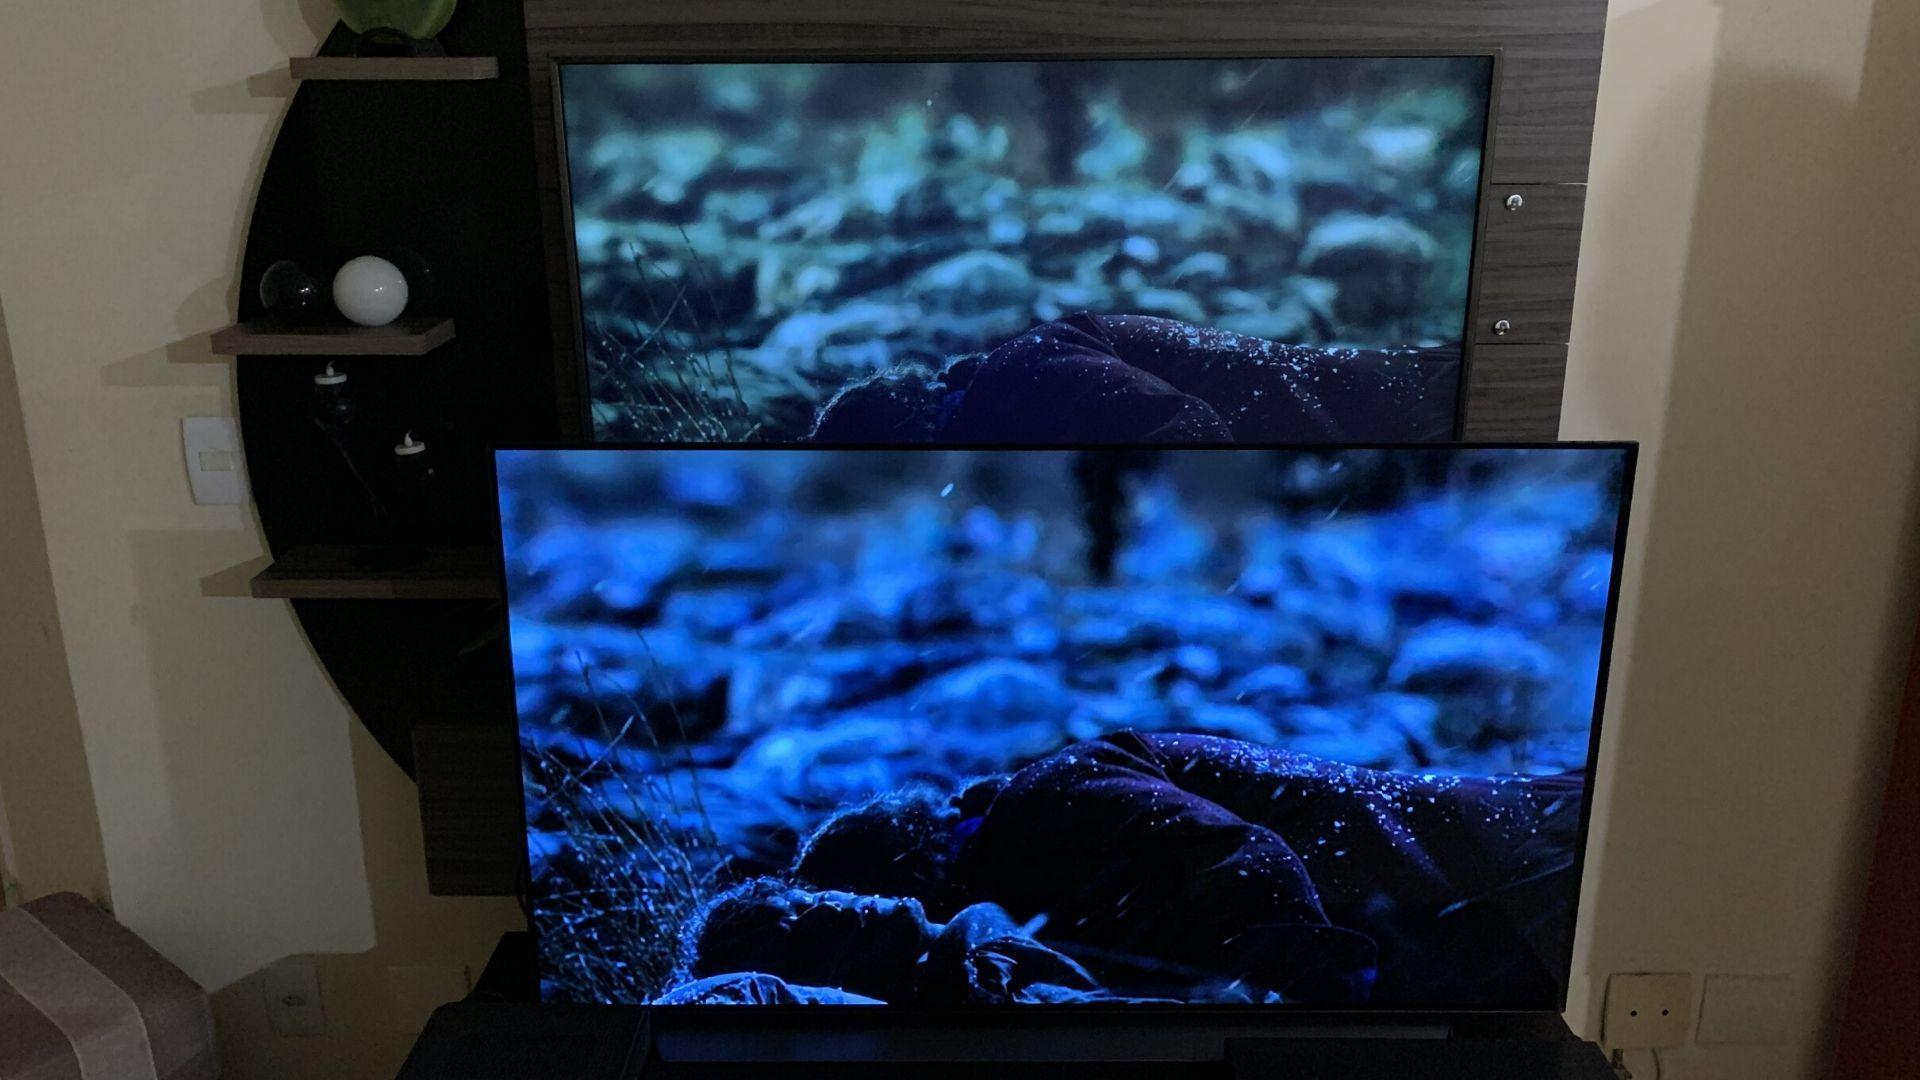 """Tela OLED surpreende ao reproduzir mais detalhes, pretos mais """"profundos"""" e cores mais realistas, quando comparada à uma 4K convencional. Neste caso, utilizamos a C9 e a LG UJ6565 para comparação. (Imagem: Yulli Dias/Zoom)"""